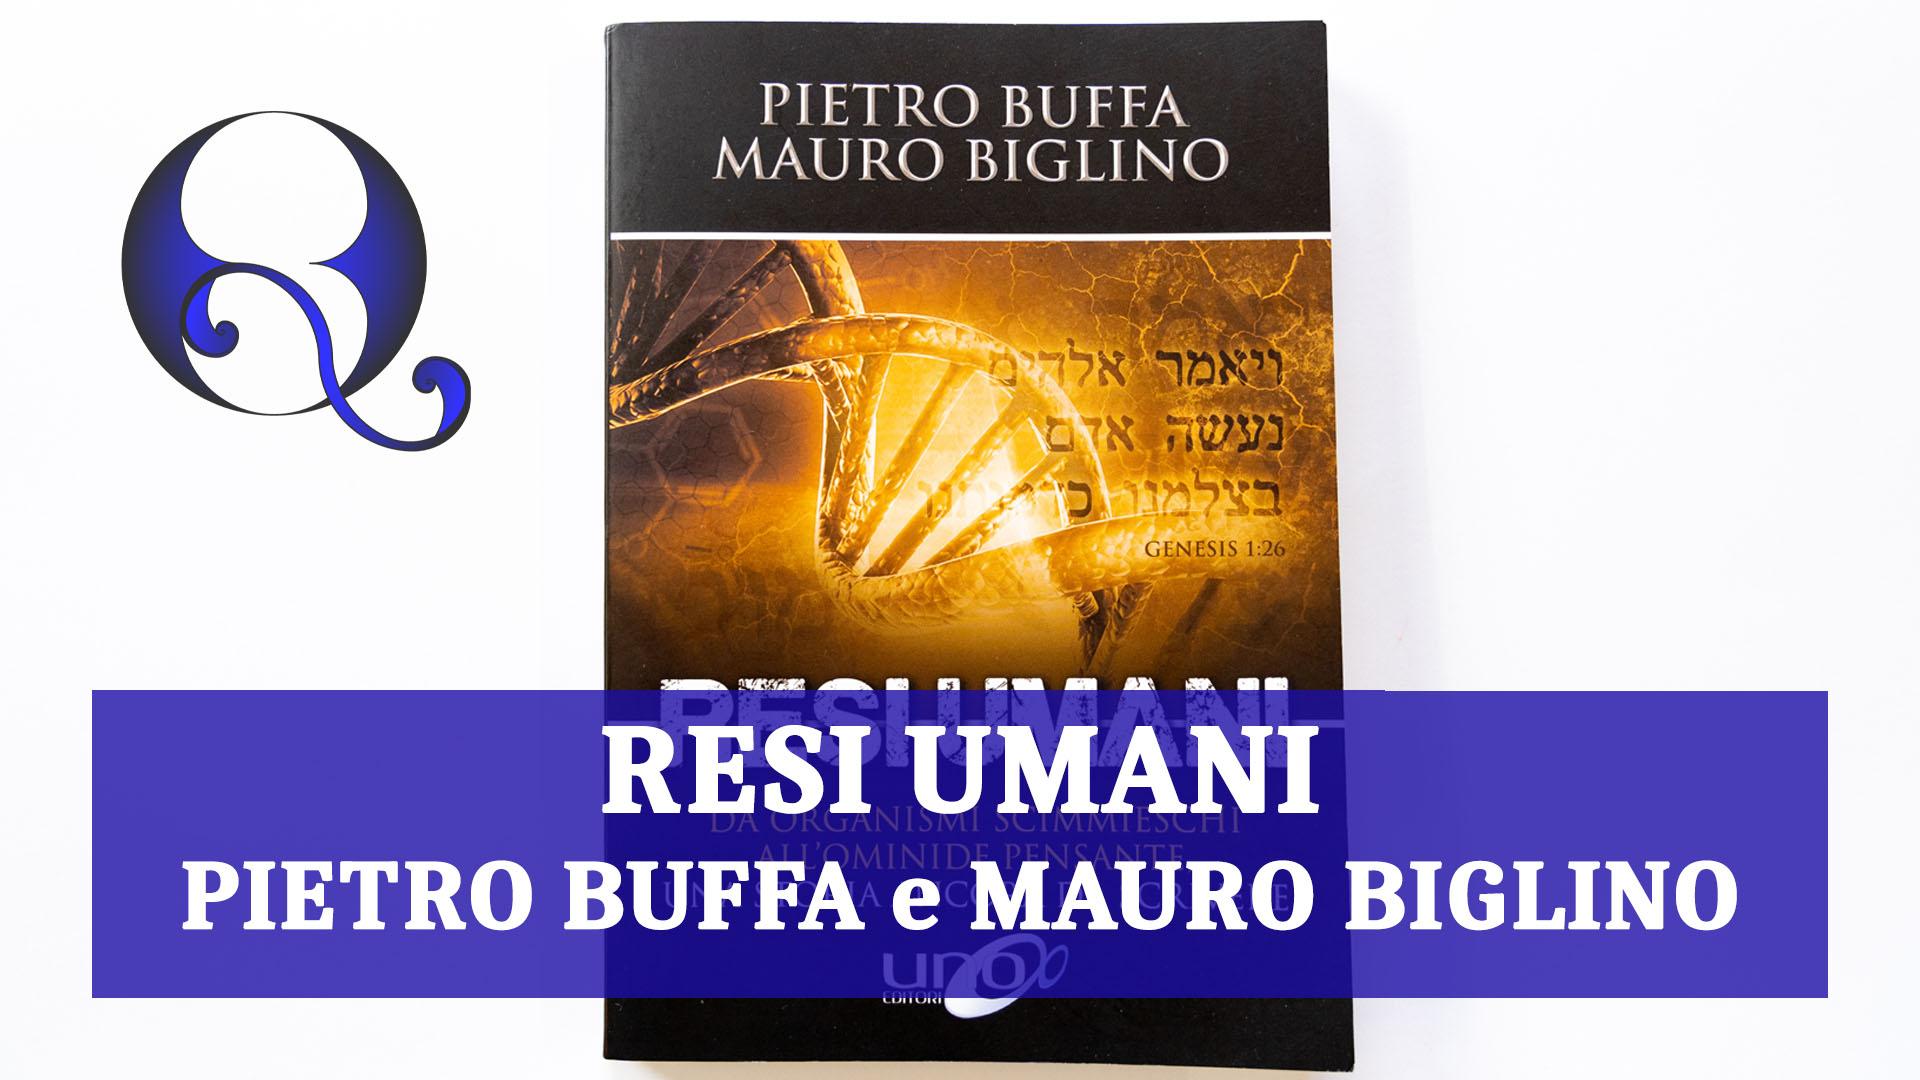 RESI UMANI di PIETRO BUFFA e MAURO BIGLINO: relazione libro